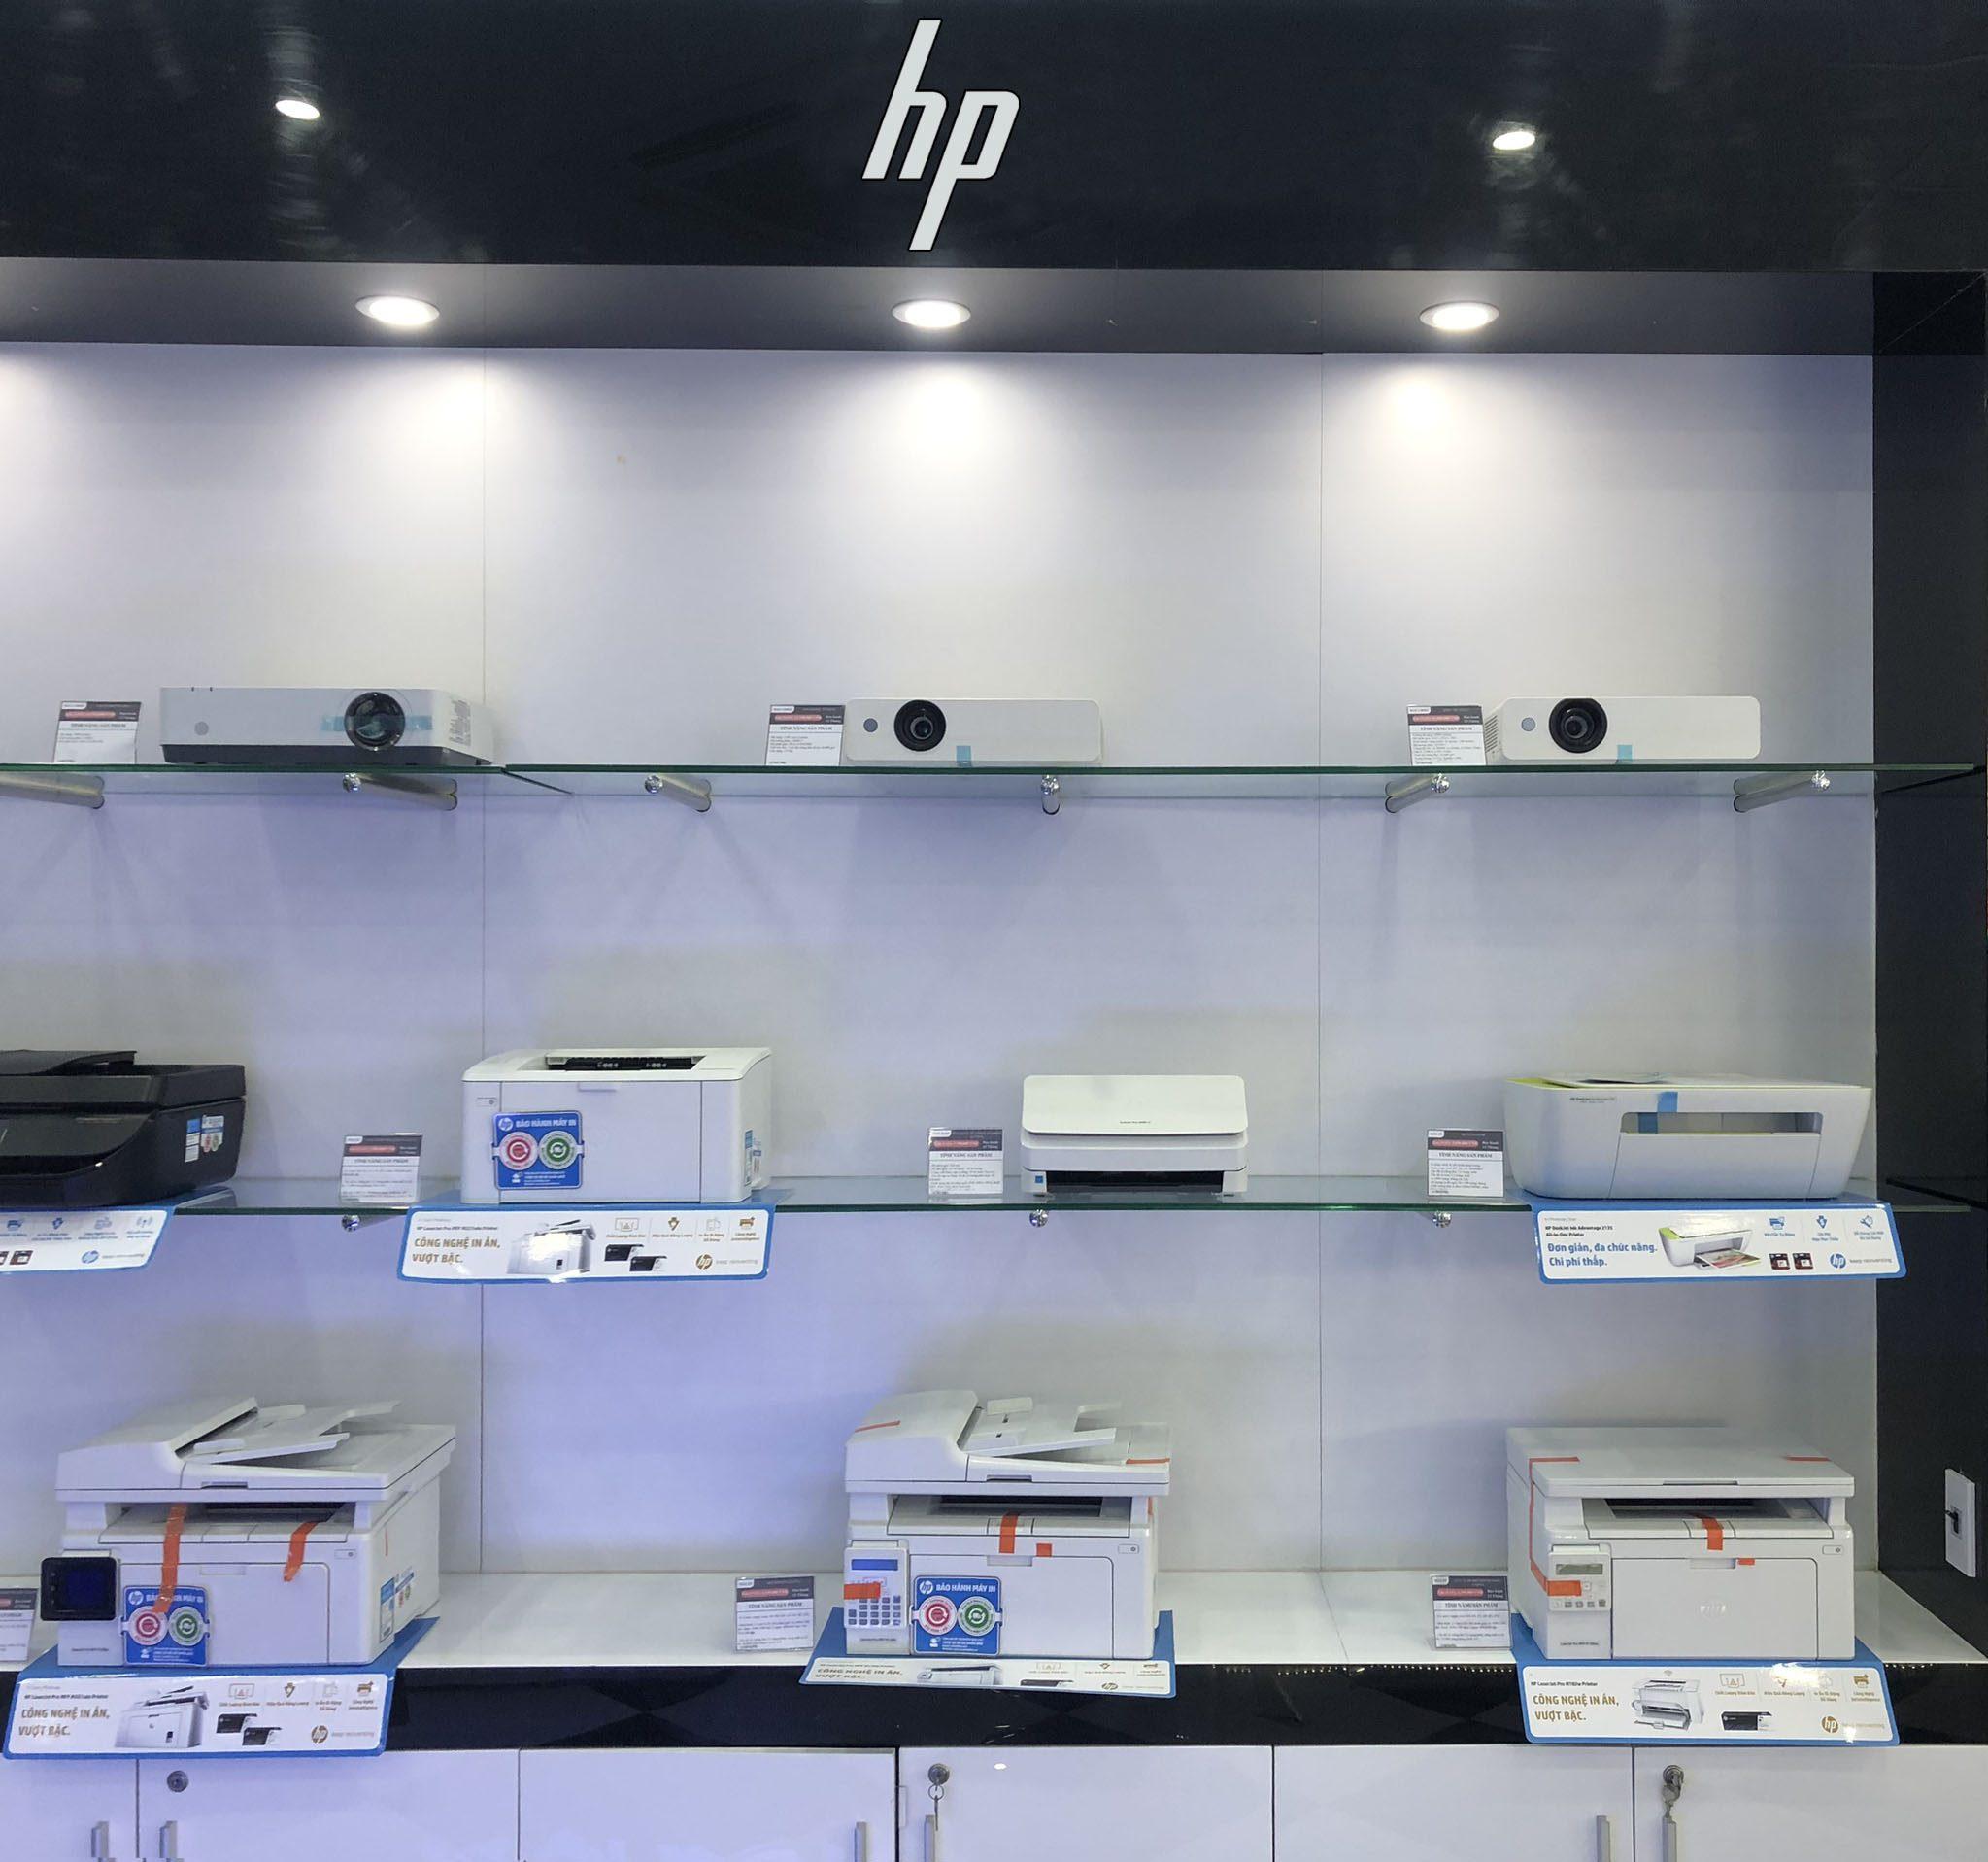 máy in HP đem tới sản phẩm với tính năng vượt trội cao cấp